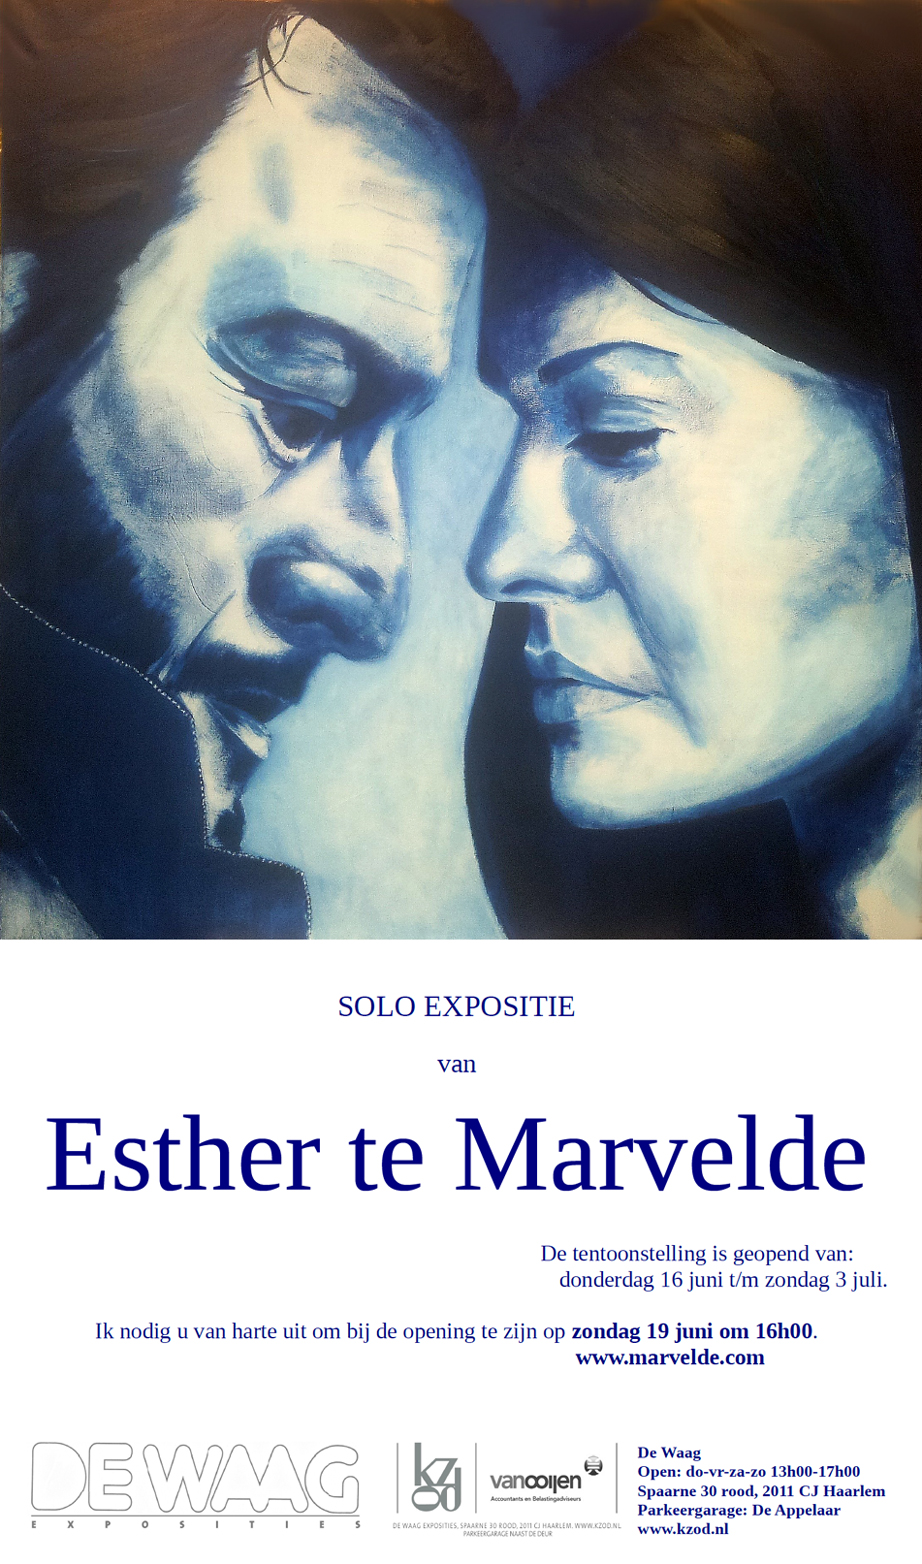 Esther-te-Marvelde-solo-expositie-De-Waag-2016